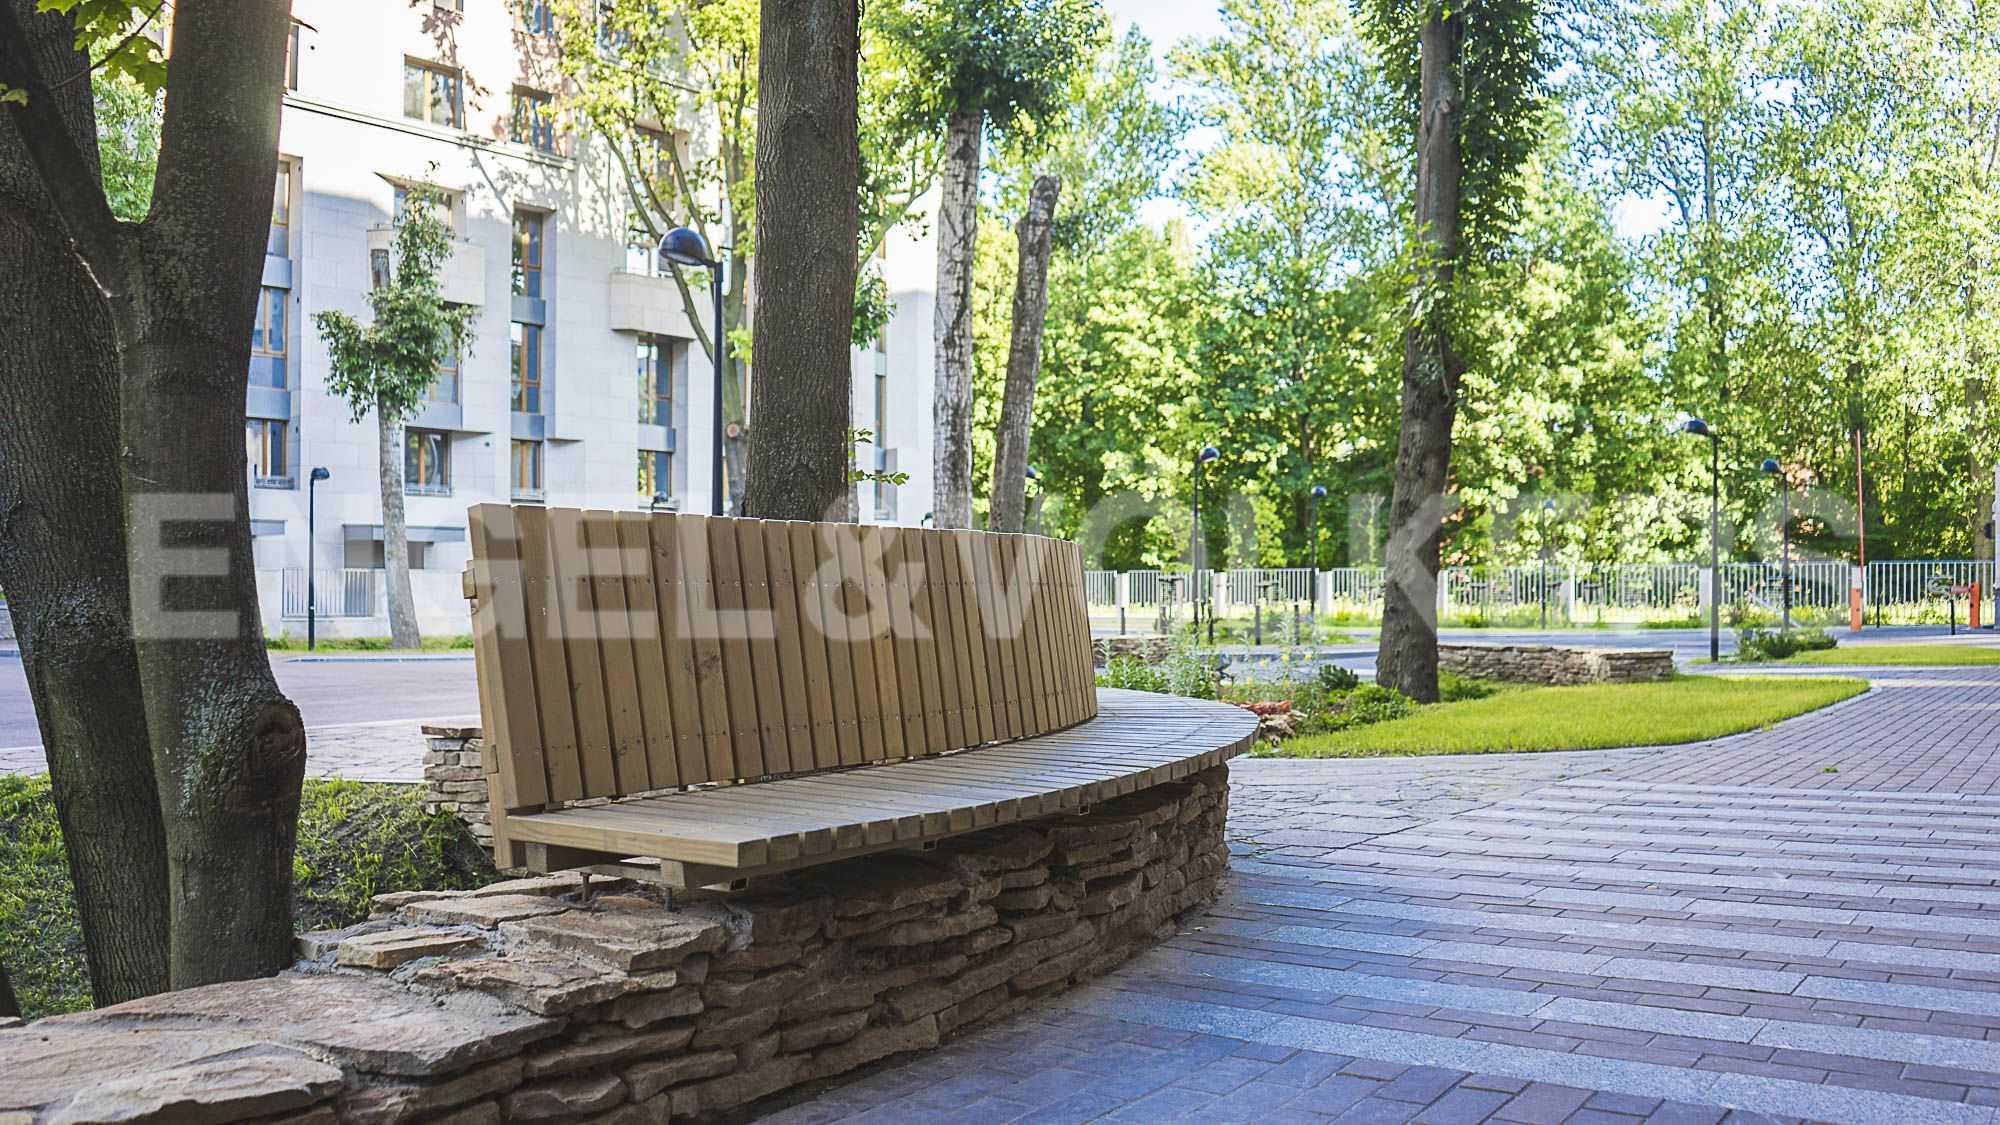 Элитные квартиры в Центральном районе. Санкт-Петербург, ул.Смольного, 4. Зона отдыха на внутренней территории комплекса